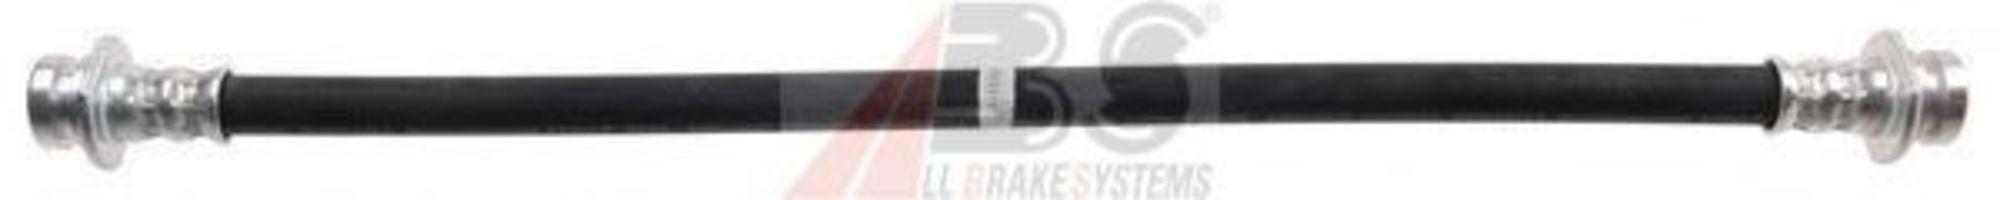 Шланг тормозной A.B.S. SL 5960